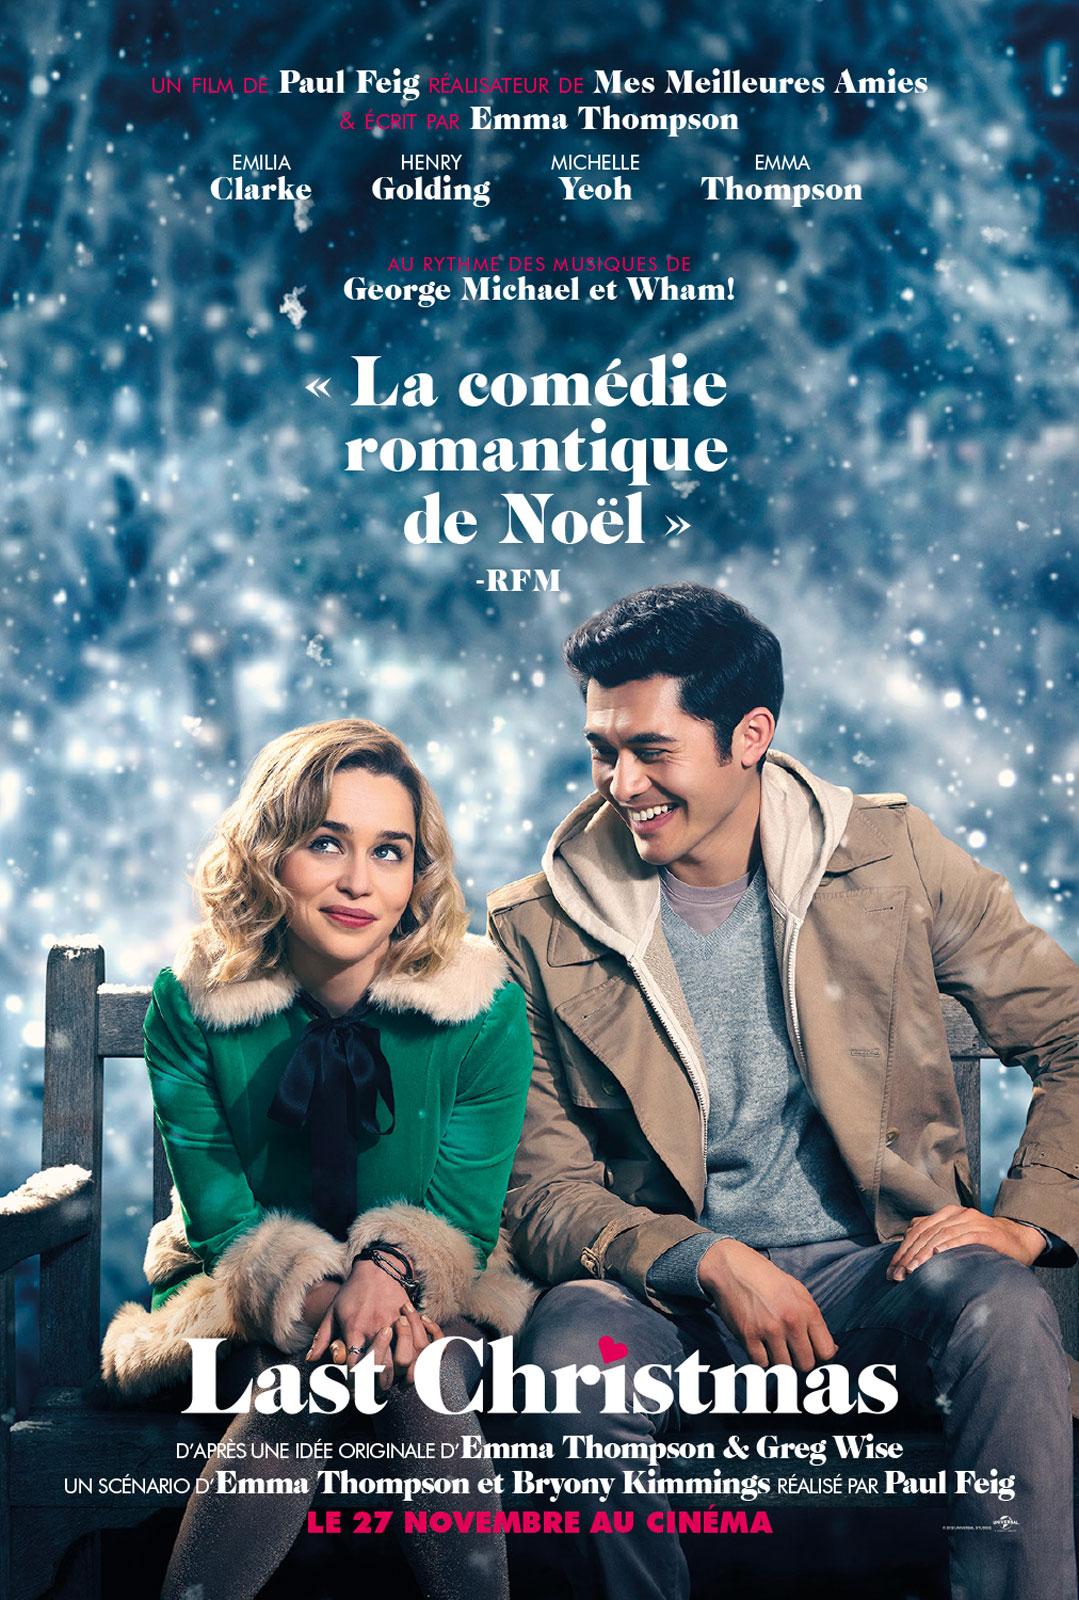 Achat Last Christmas en DVD - AlloCiné